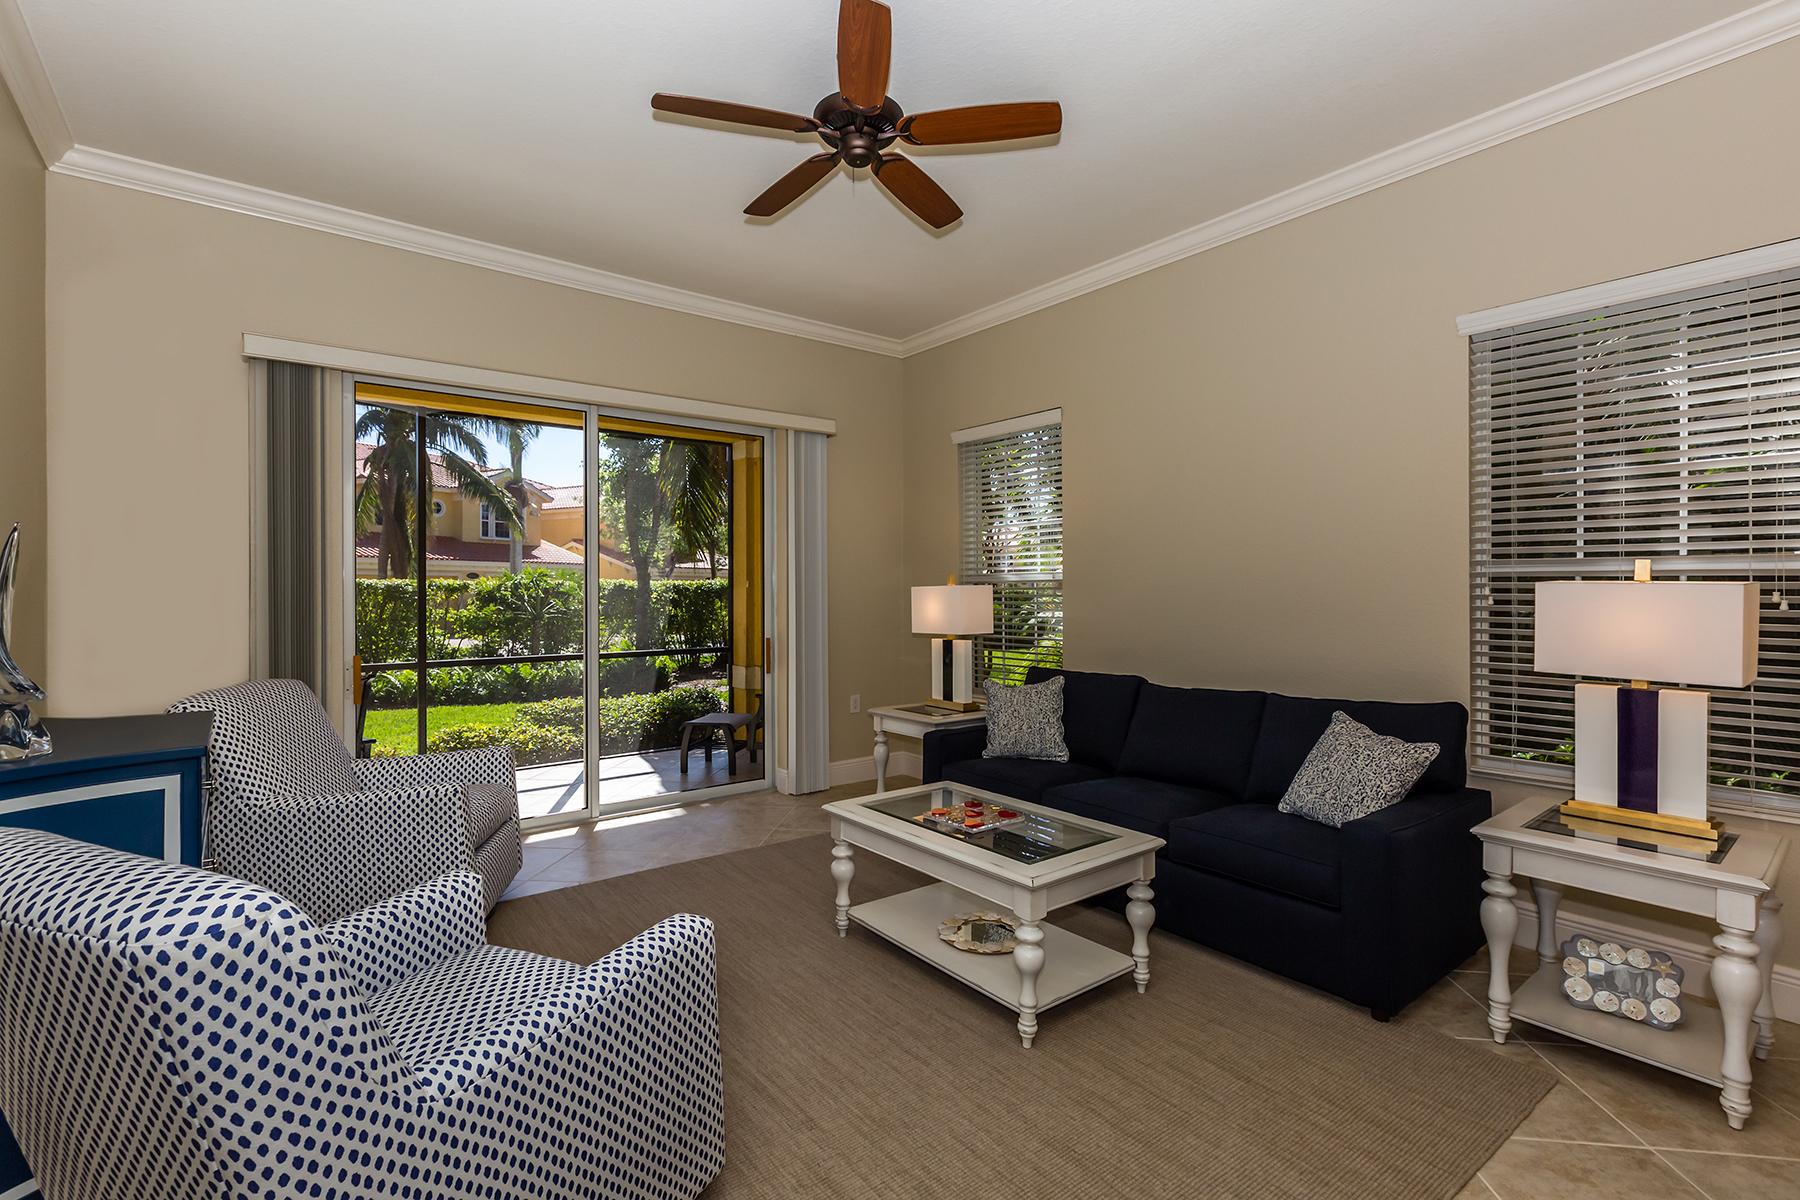 Eigentumswohnung für Verkauf beim FIDDLERS CREEK 9083 Cascada Way 102, Naples, Florida, 34114 Vereinigte Staaten